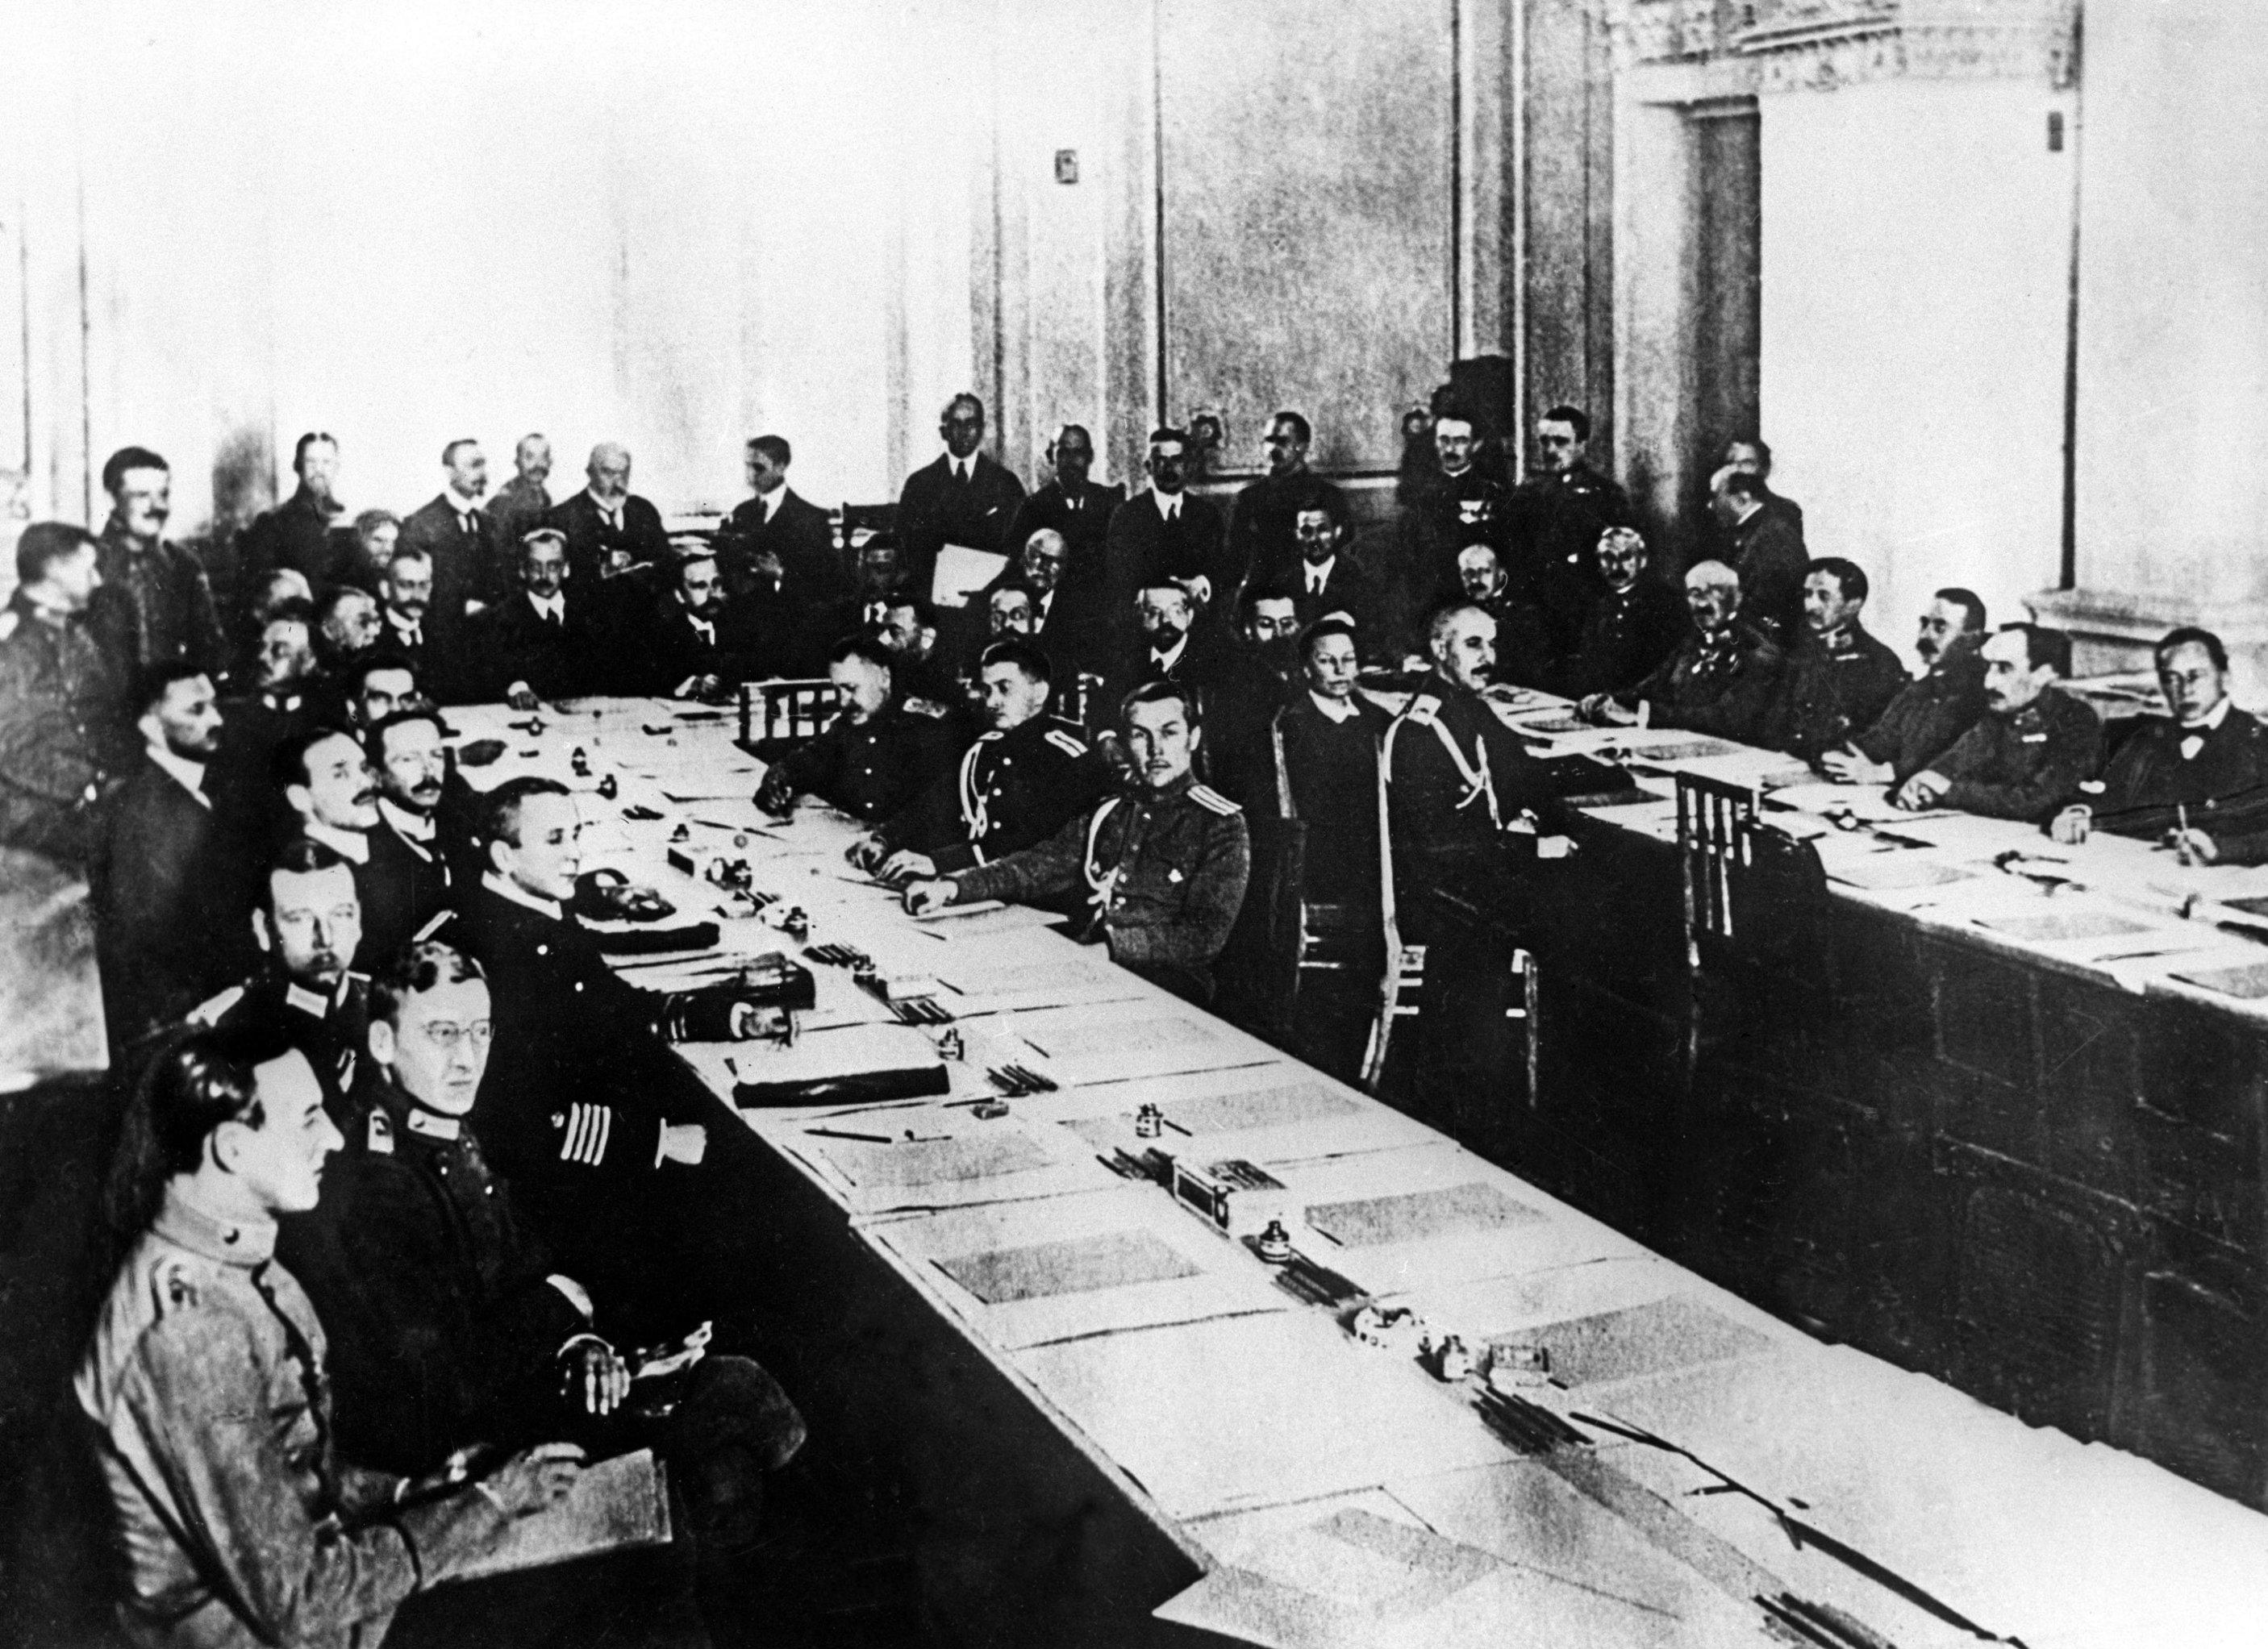 Il convegno di pace a Brest-Litovsk al quale fu sottoscritto il trattato di pace tra la Russia sovietica e la Germania, l'Impero austroungarico, l'Impero ottomano e il Regno di Bulgaria